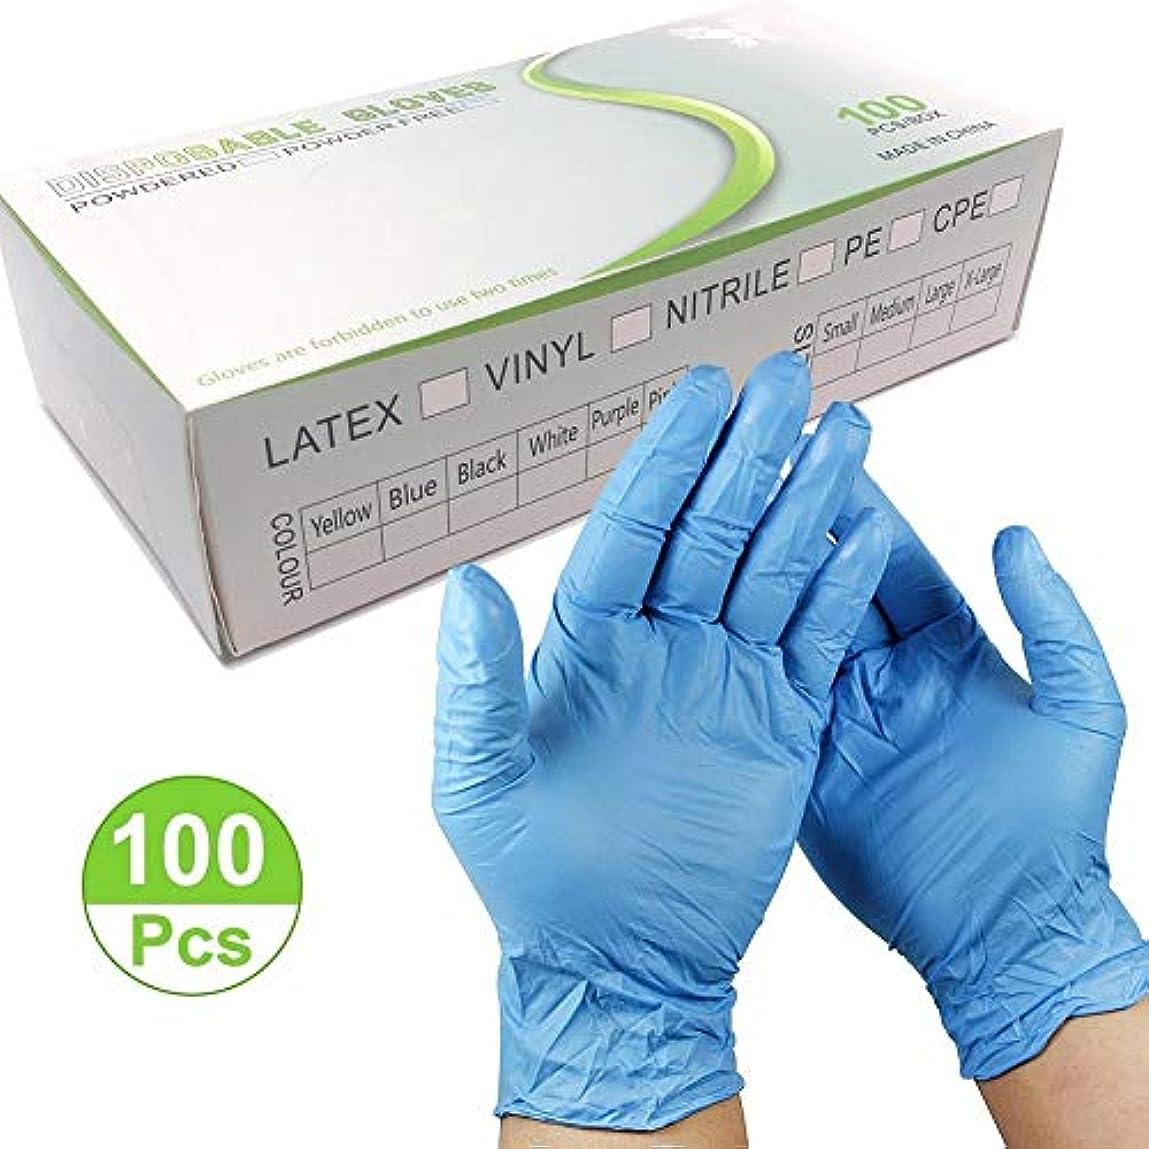 ティッシュ温帯ランチョン子供用 ニトリル手袋 使い捨て手袋 子供用 皮膚アレルギーや刺激を防ぎます クラフト、塗装、ガーデニング、料理、クリーニング (100枚、ブルー)